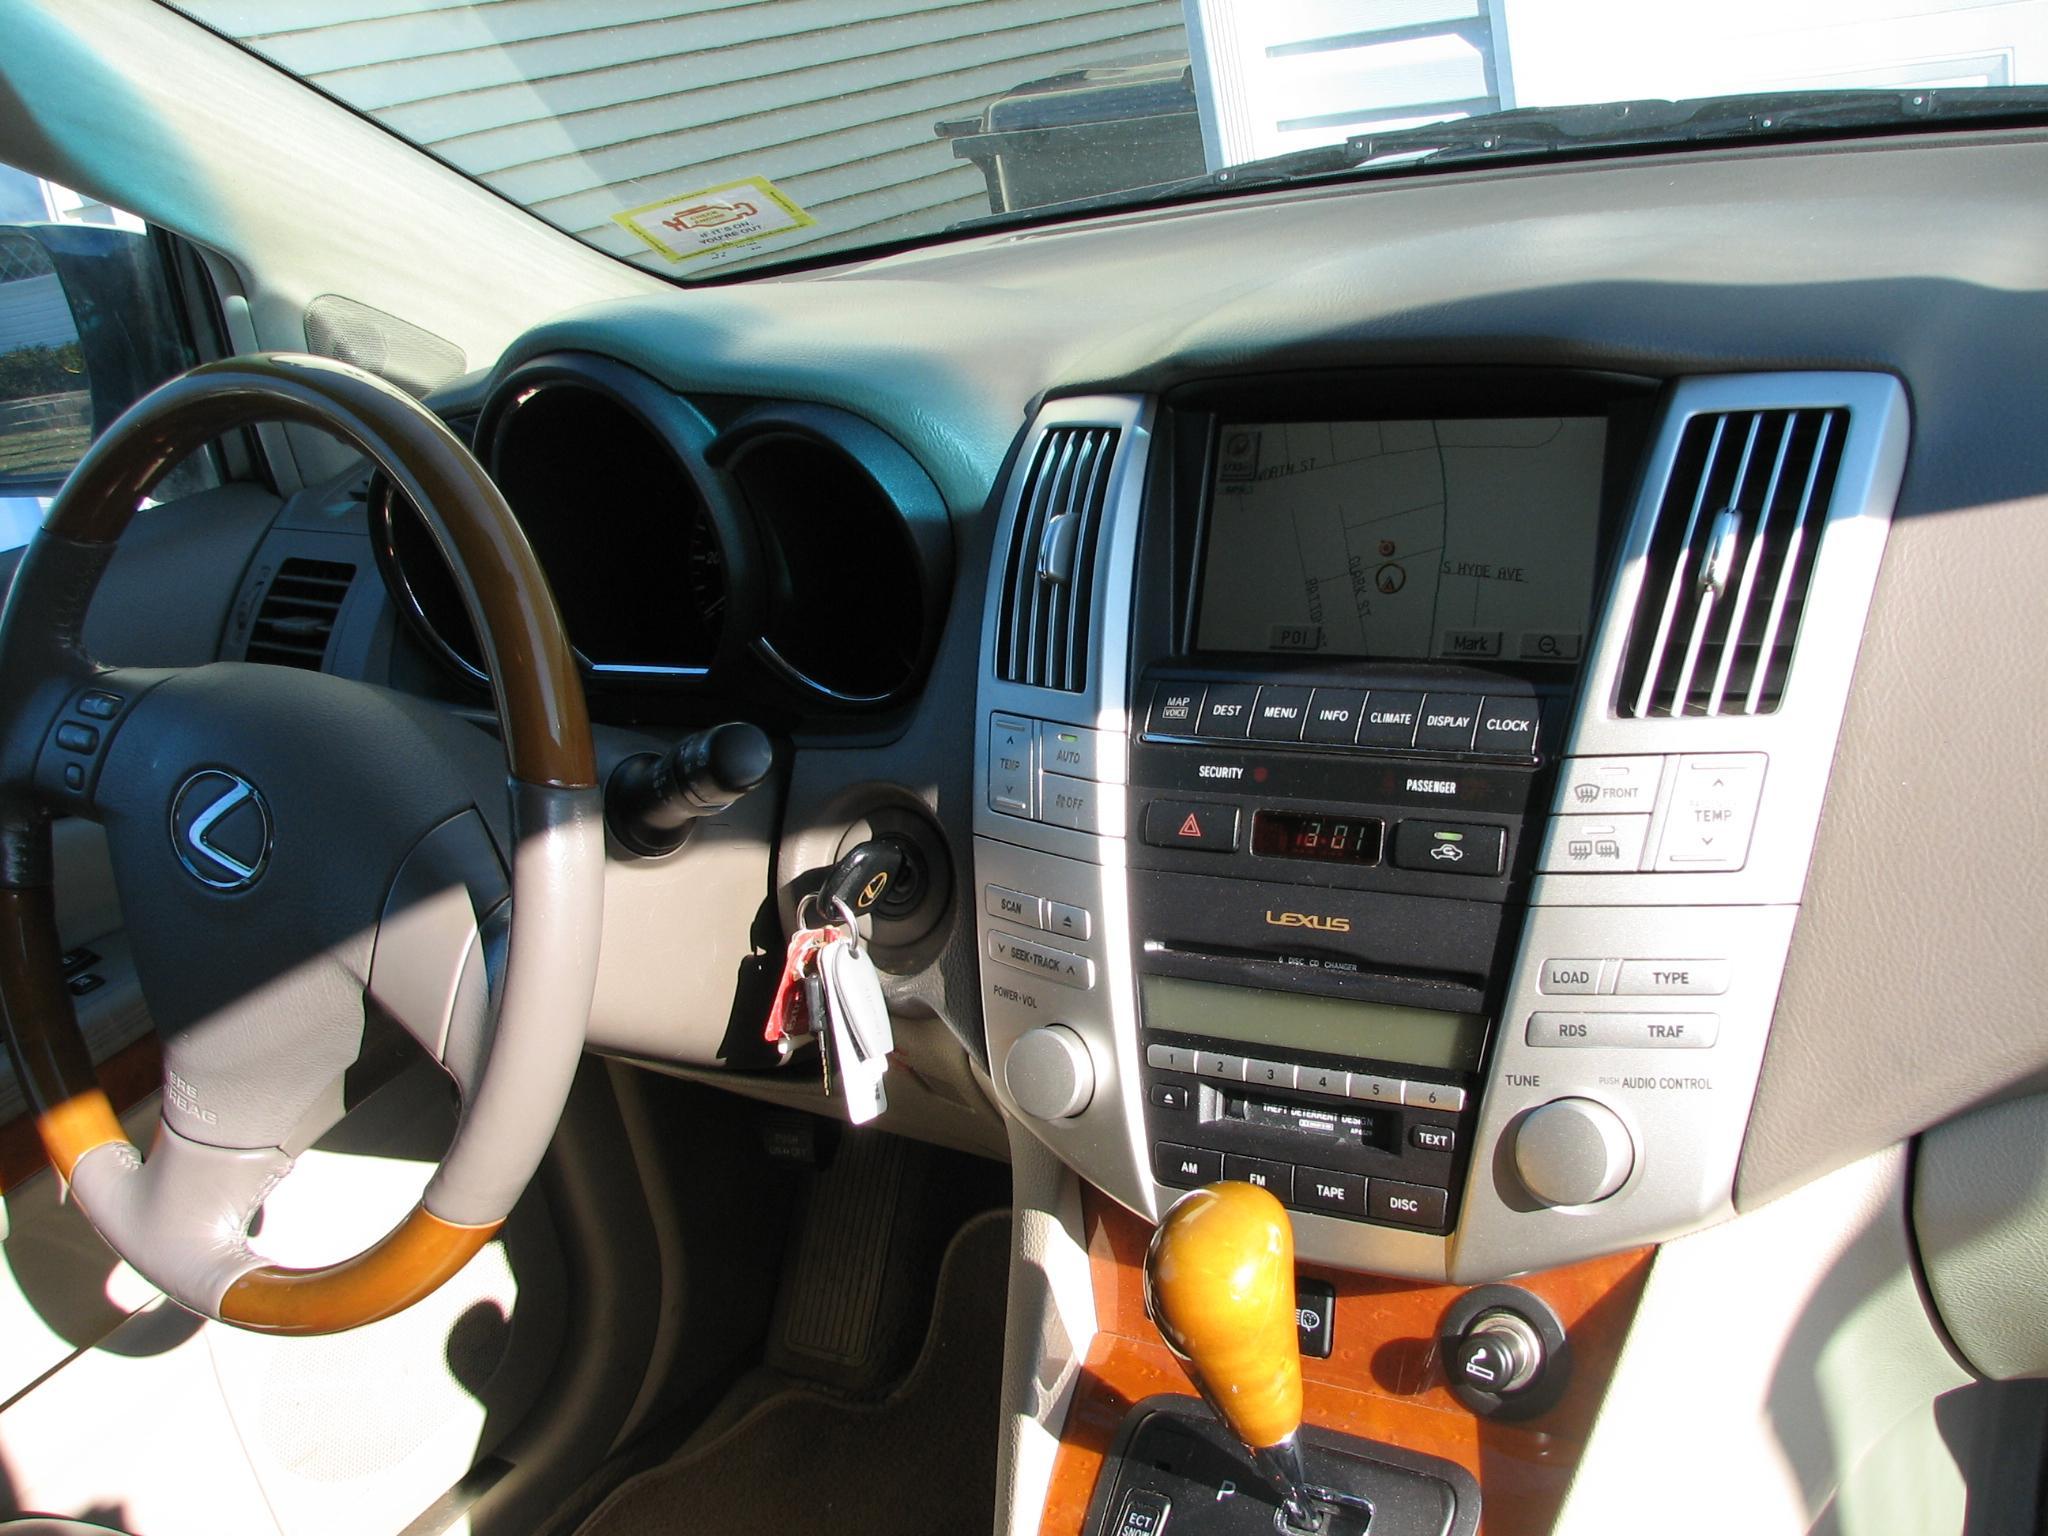 2004 Lexus Rx 330 Awd Fully Loaded Pragathi 2005 Rx330 Interior 00